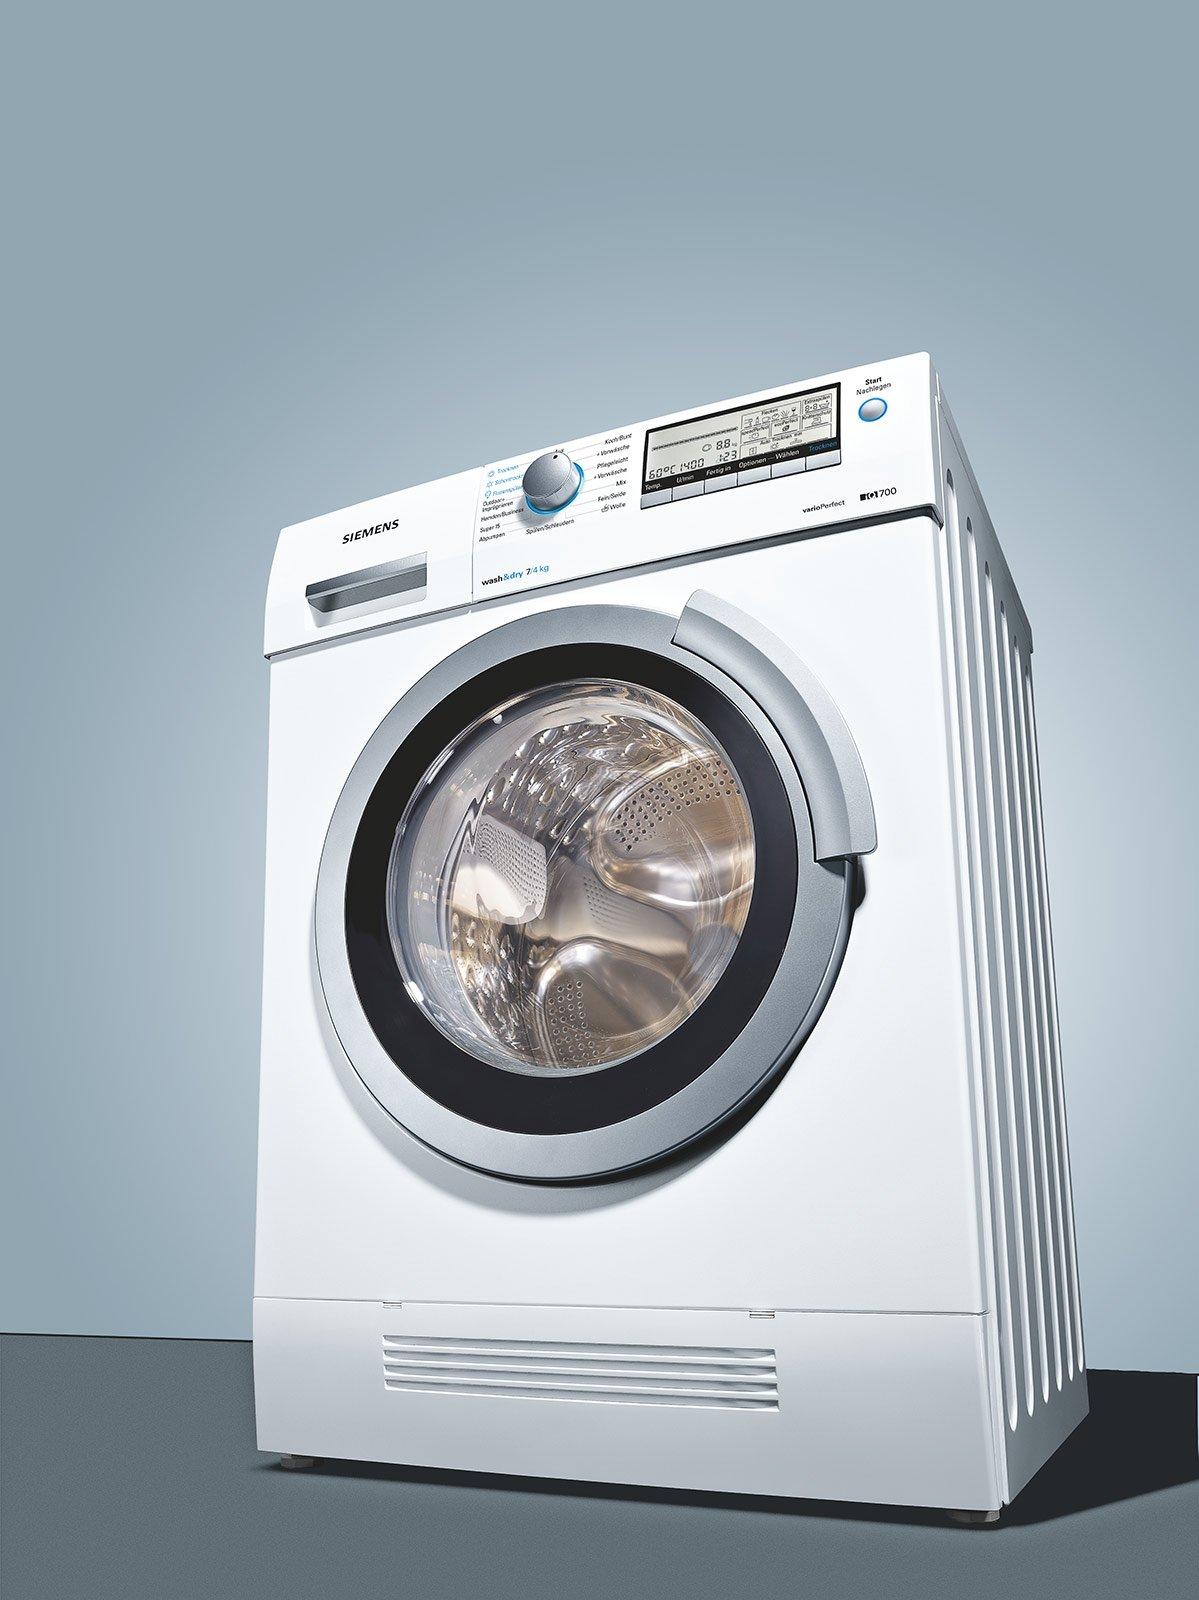 Appartiene Alla Serie IQ700 La Lavasciuga WD14H540IT Di Siemens, Che  Funziona Con Tecnologia Di Condensazione